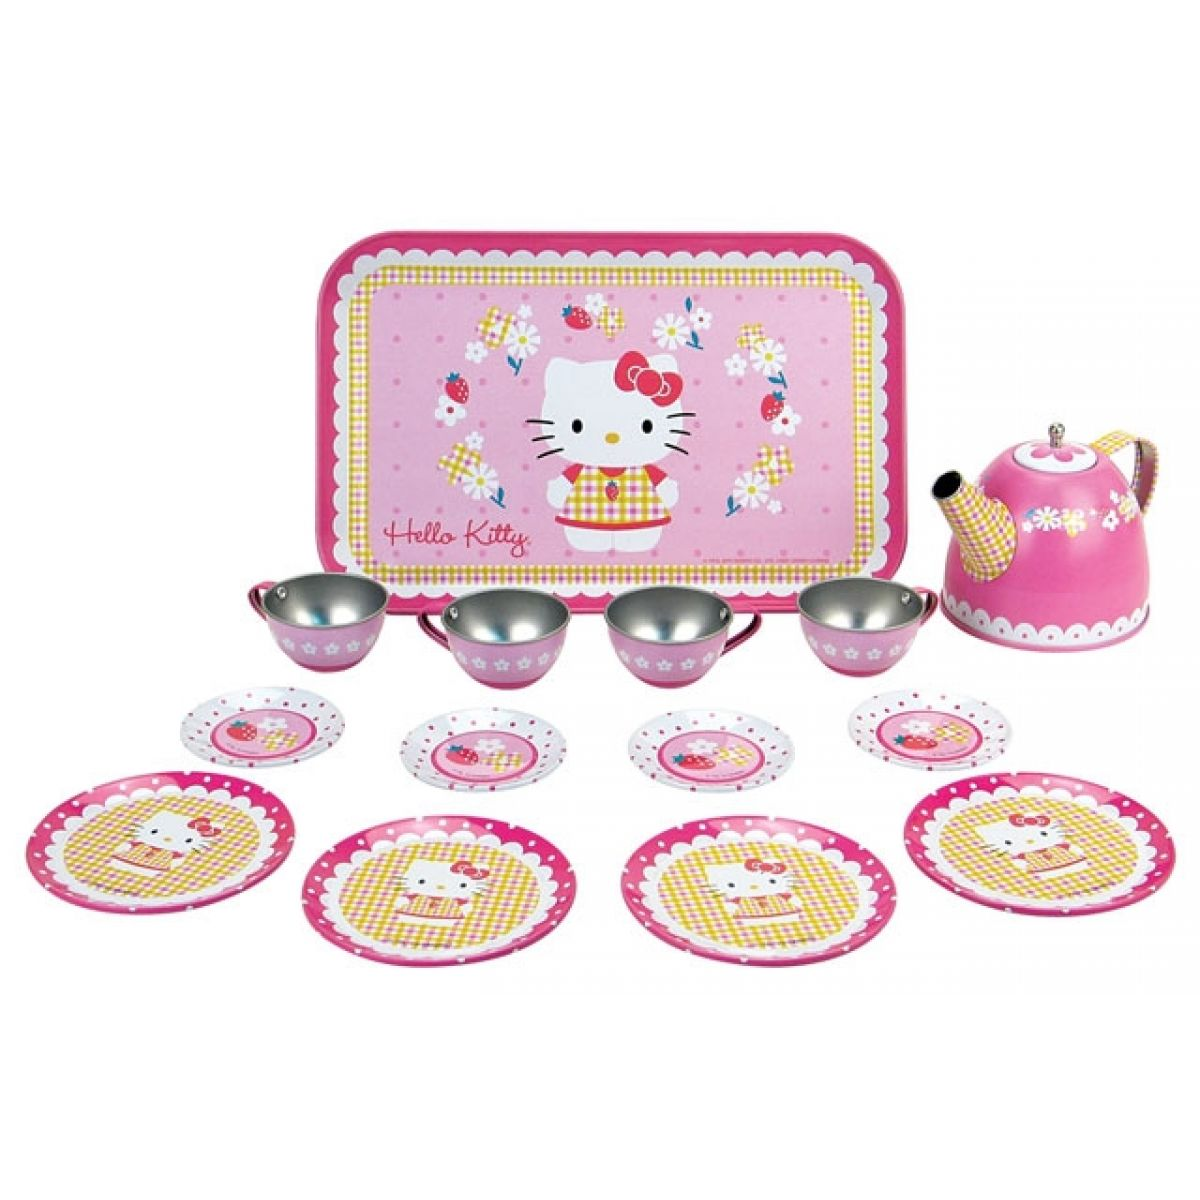 Hello Kitty čajový set, 14 doplňků